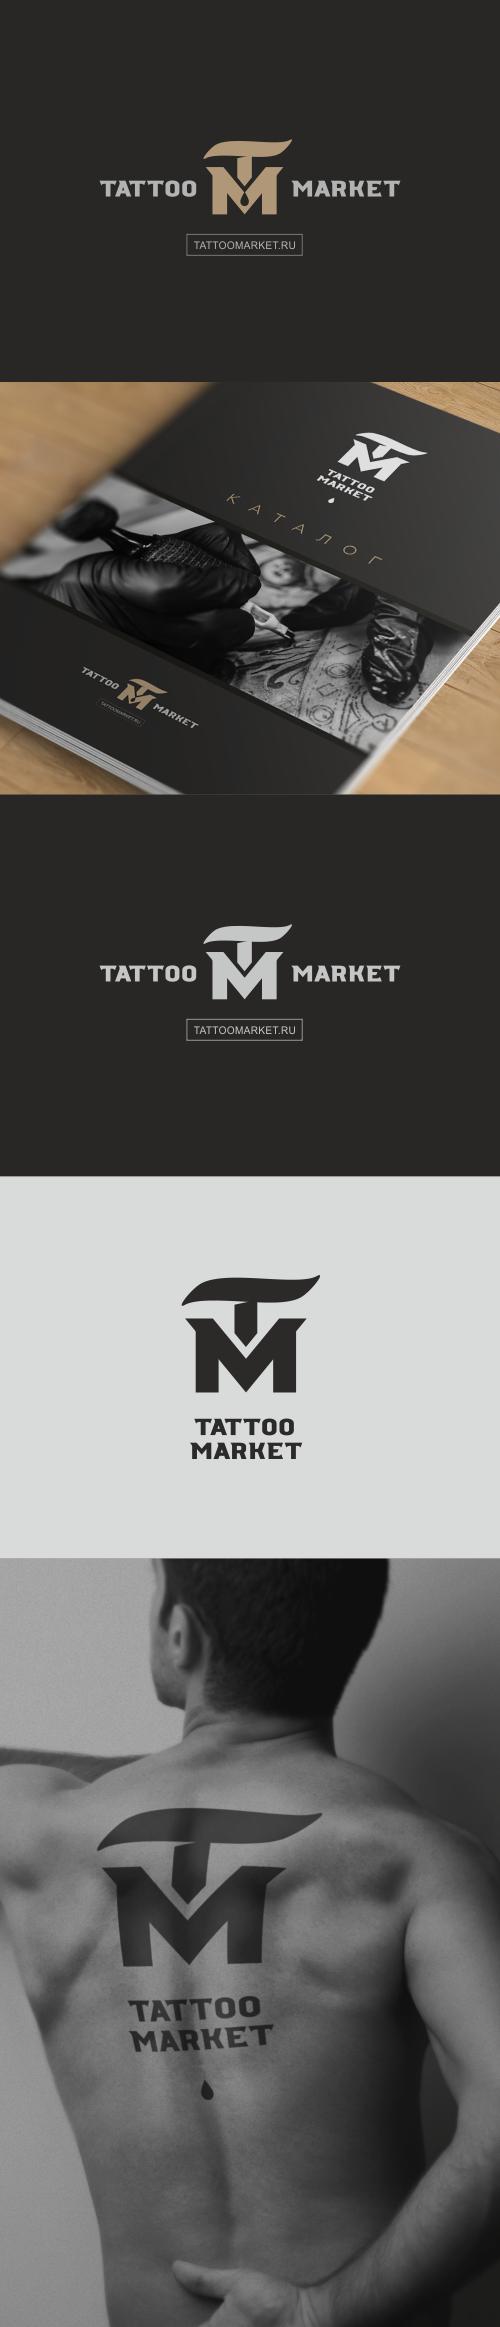 Редизайн логотипа магазина тату оборудования TattooMarket.ru фото f_4495c3d797bc9c94.png